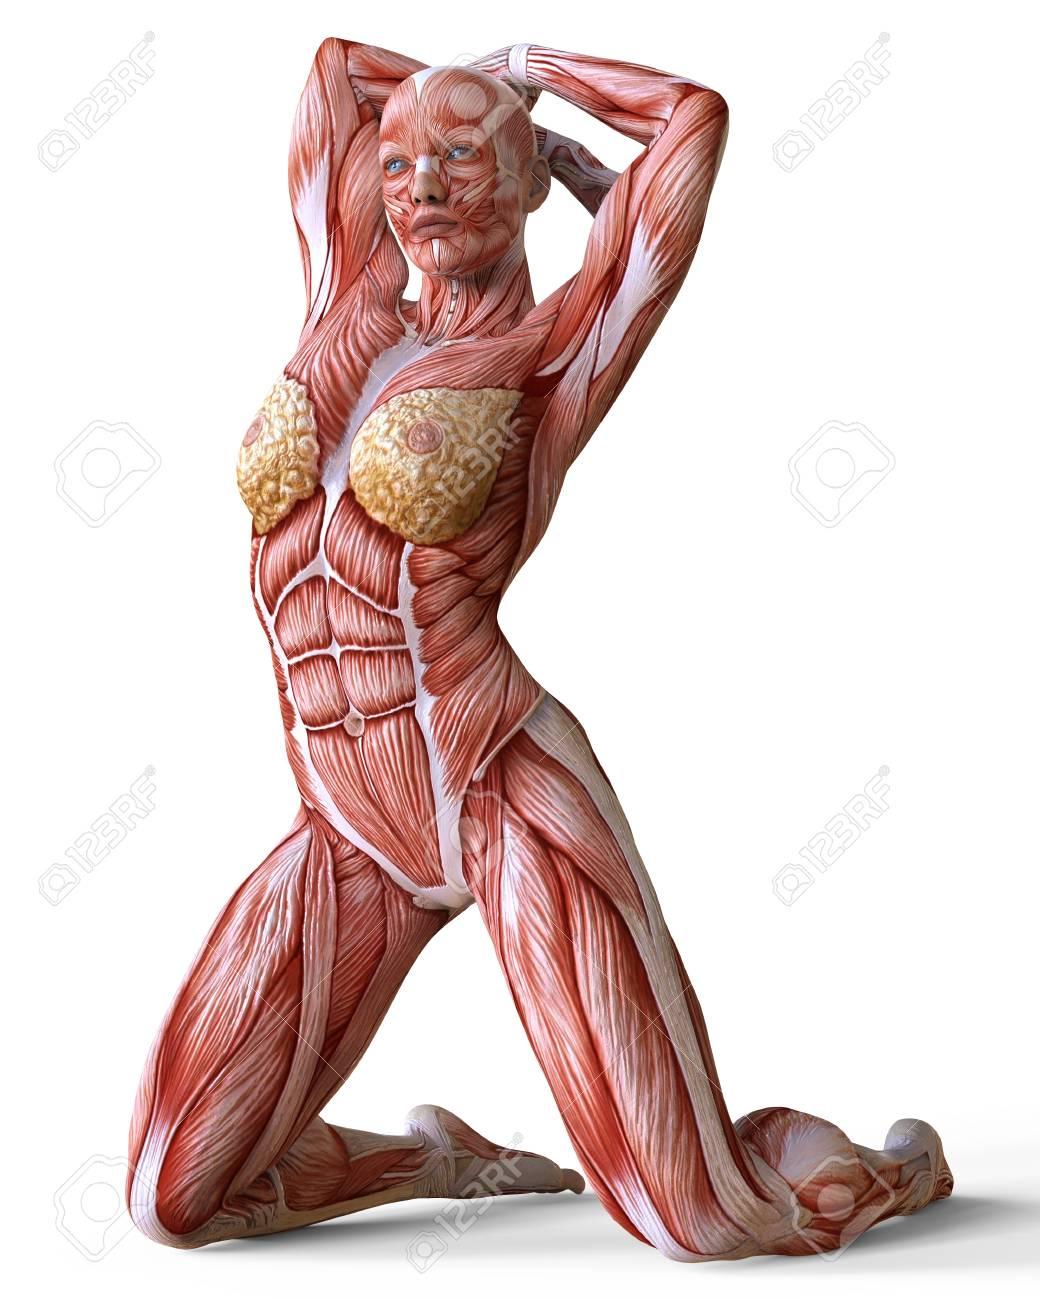 Wonderbaar Vrouwelijke Anatomie En Spieren, Lichaam Zonder Huid Geïsoleerd Op LW-05